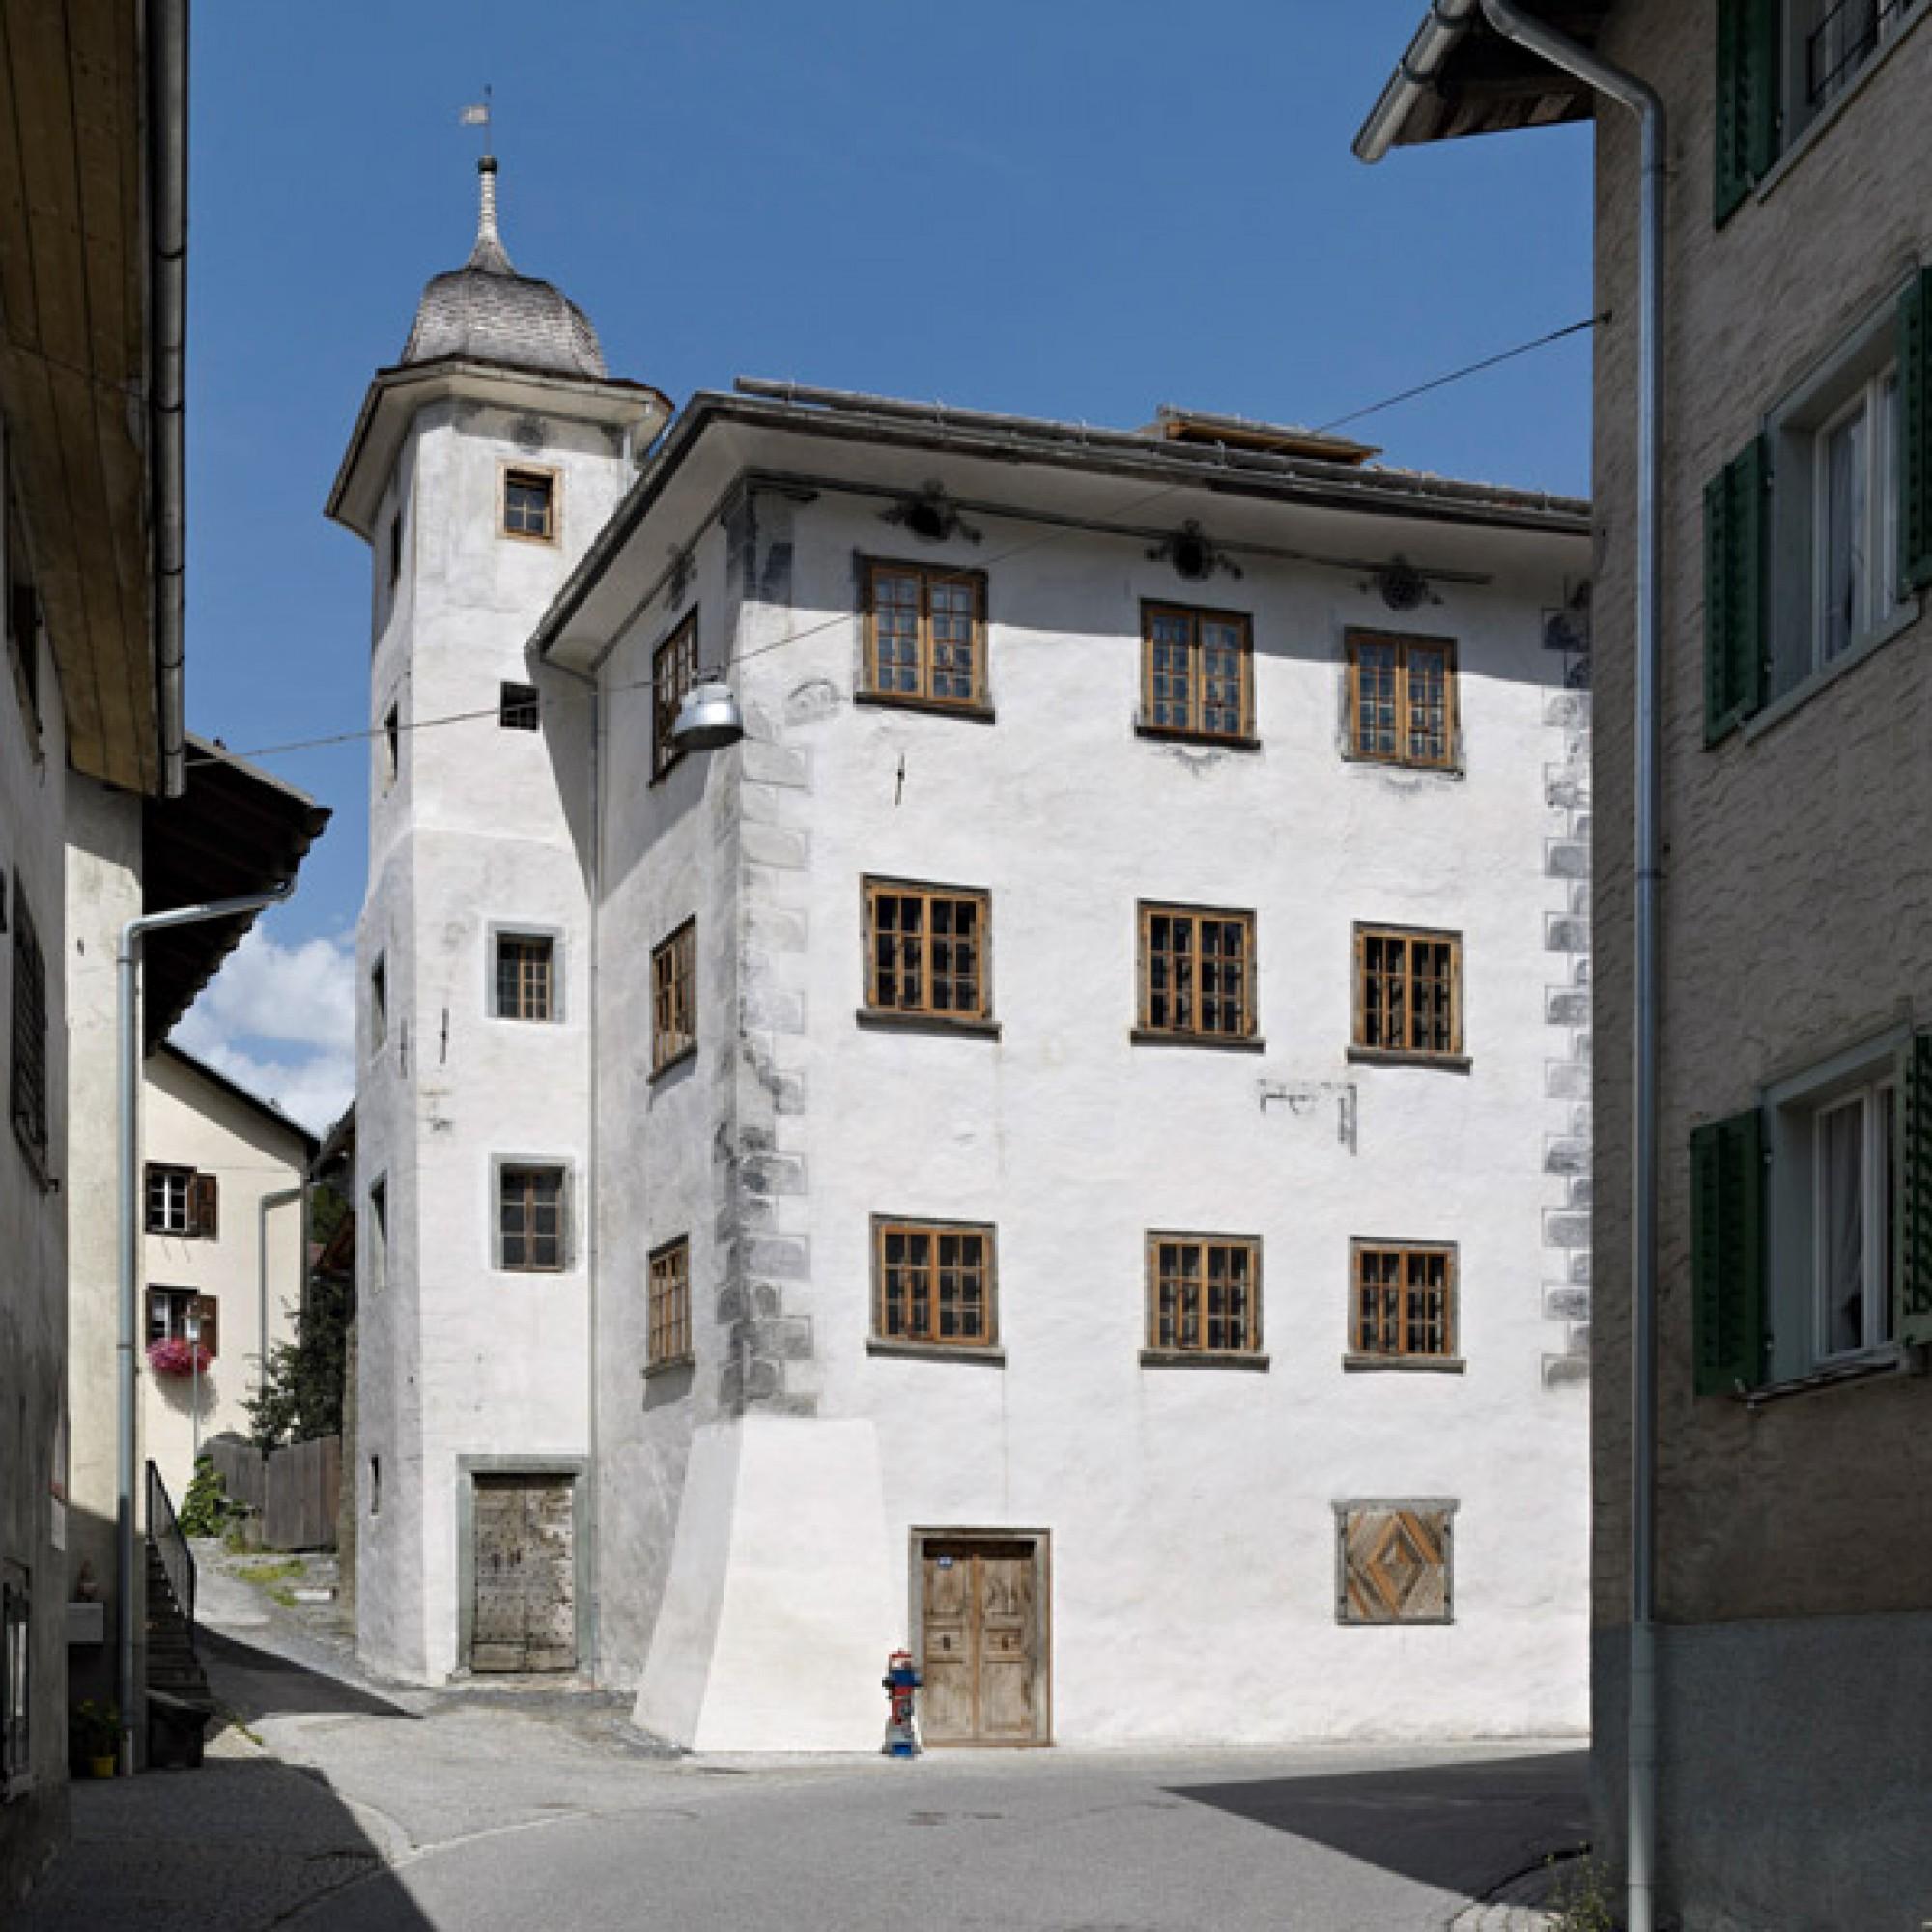 Mit seinem Treppenturm erinnert das Türalihus an eine Burg. (Ferien im Baudenkmal)